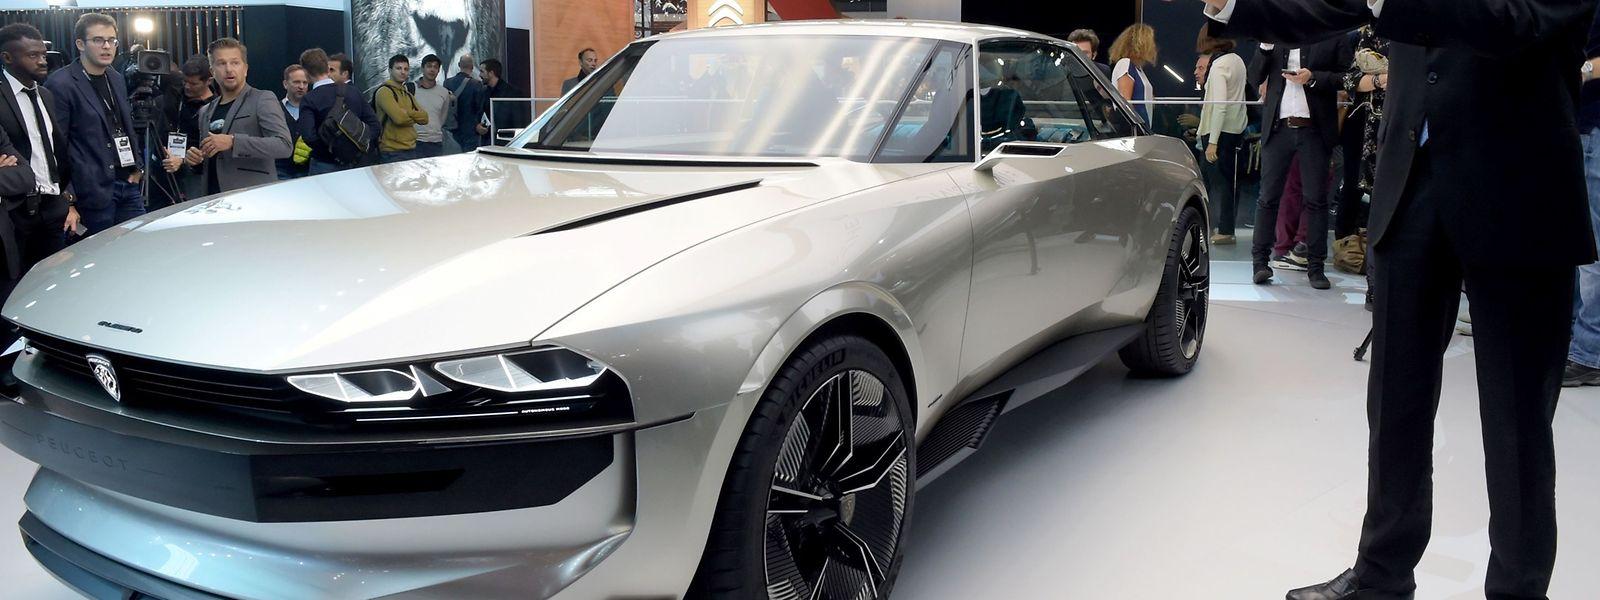 PSA Peugeot Citroen fait le buzz avec sa Peugeot «E-legend» Concept., la réinterprétation moderne, électrique et autonome, de la 504 coupé.